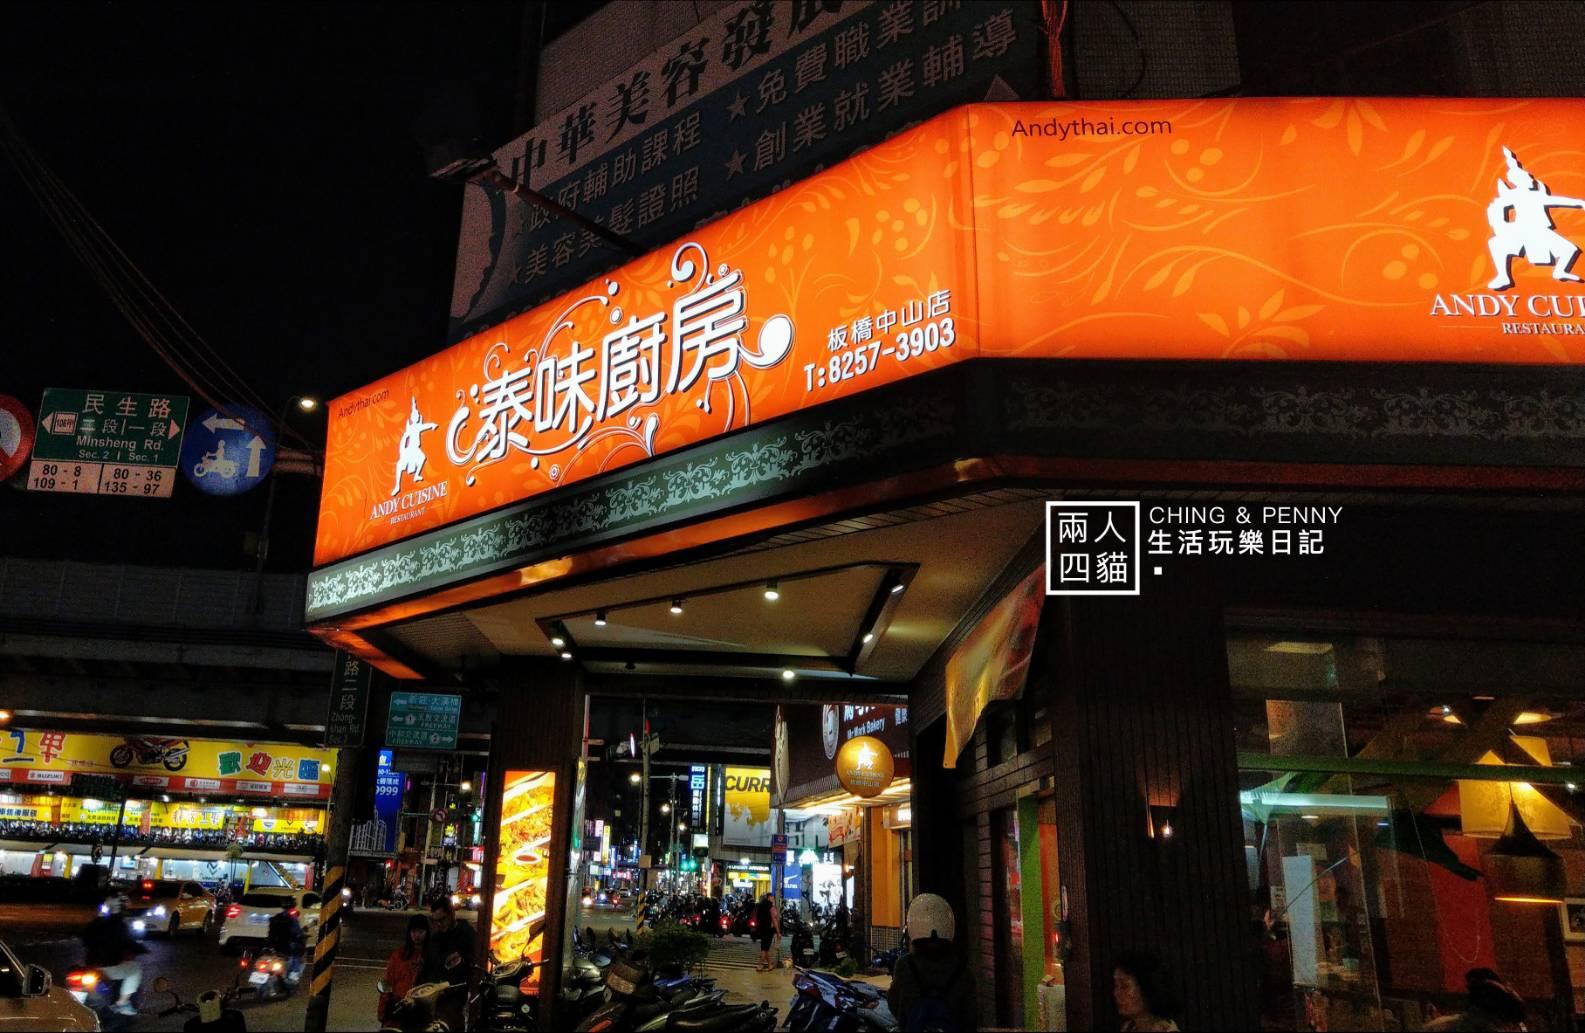 【板橋 美食】板橋埔墘平價好吃泰式料理『泰味廚房』板橋中山店